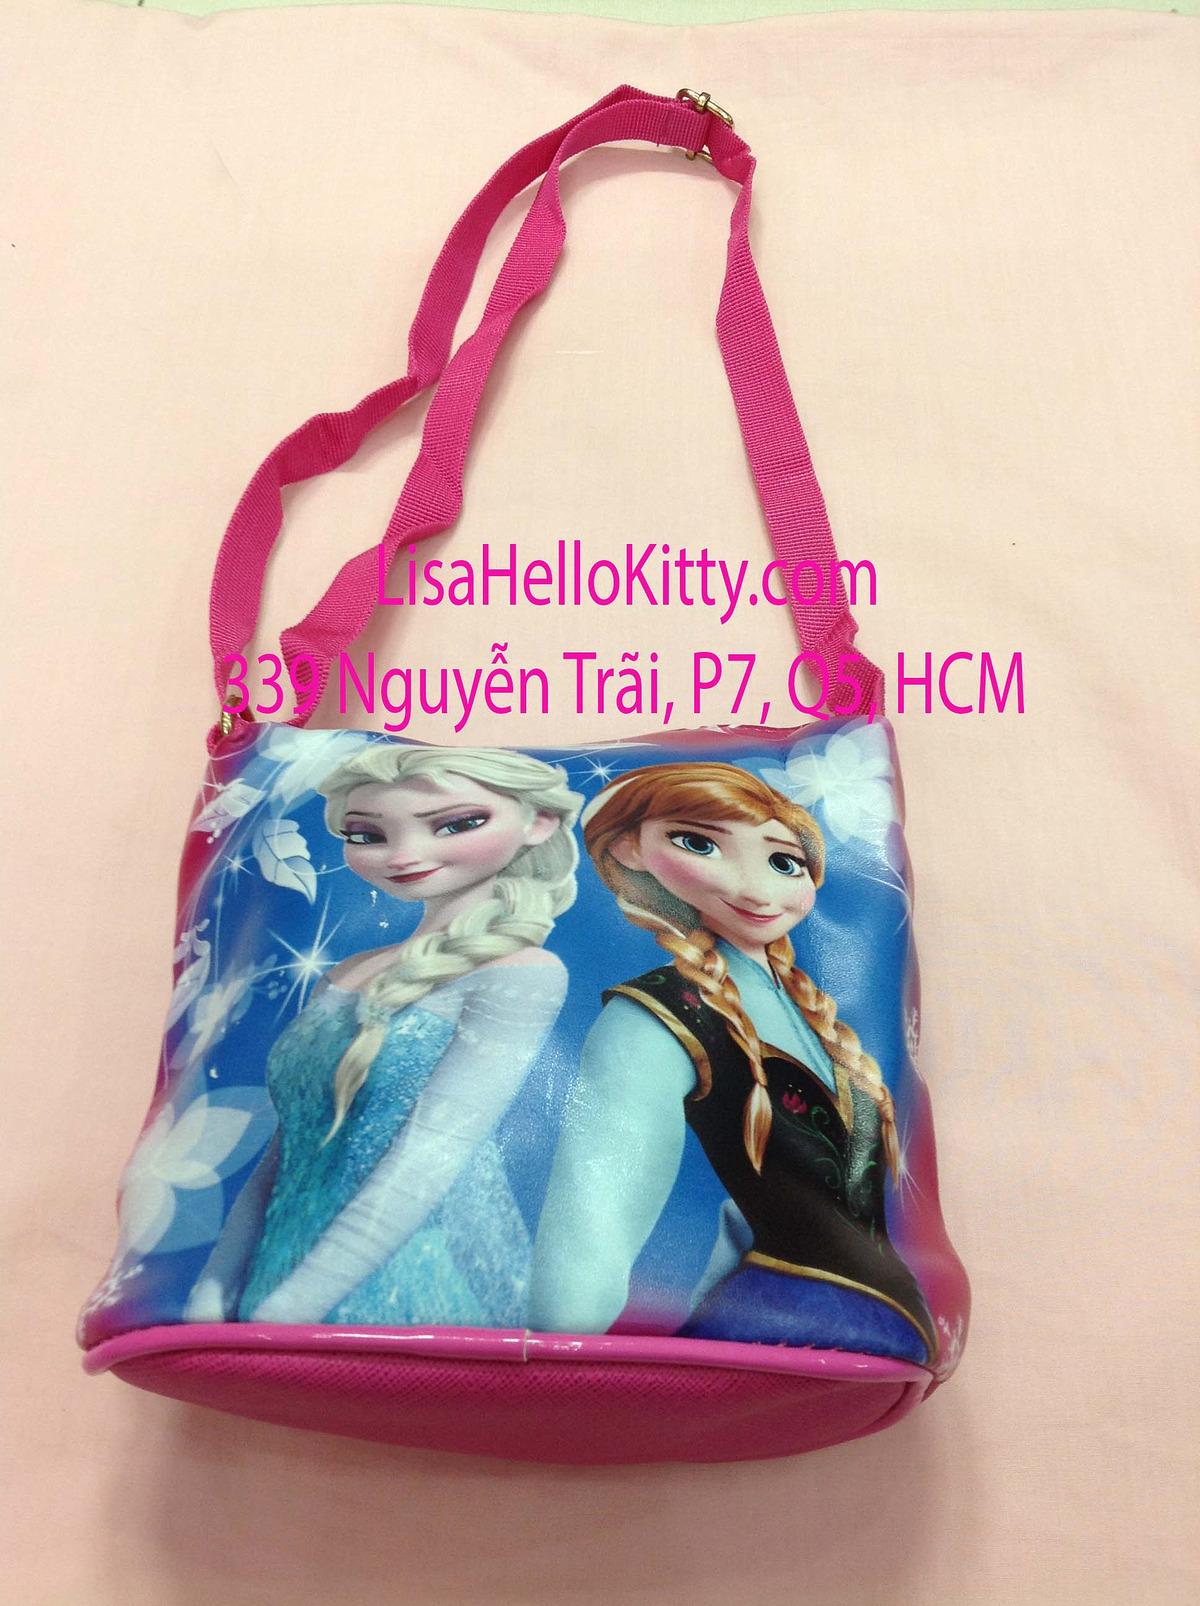 Lisa Shop - Túi xách, túi đeo chéo Hello Kitty công chúa Elsa cho bé - 12